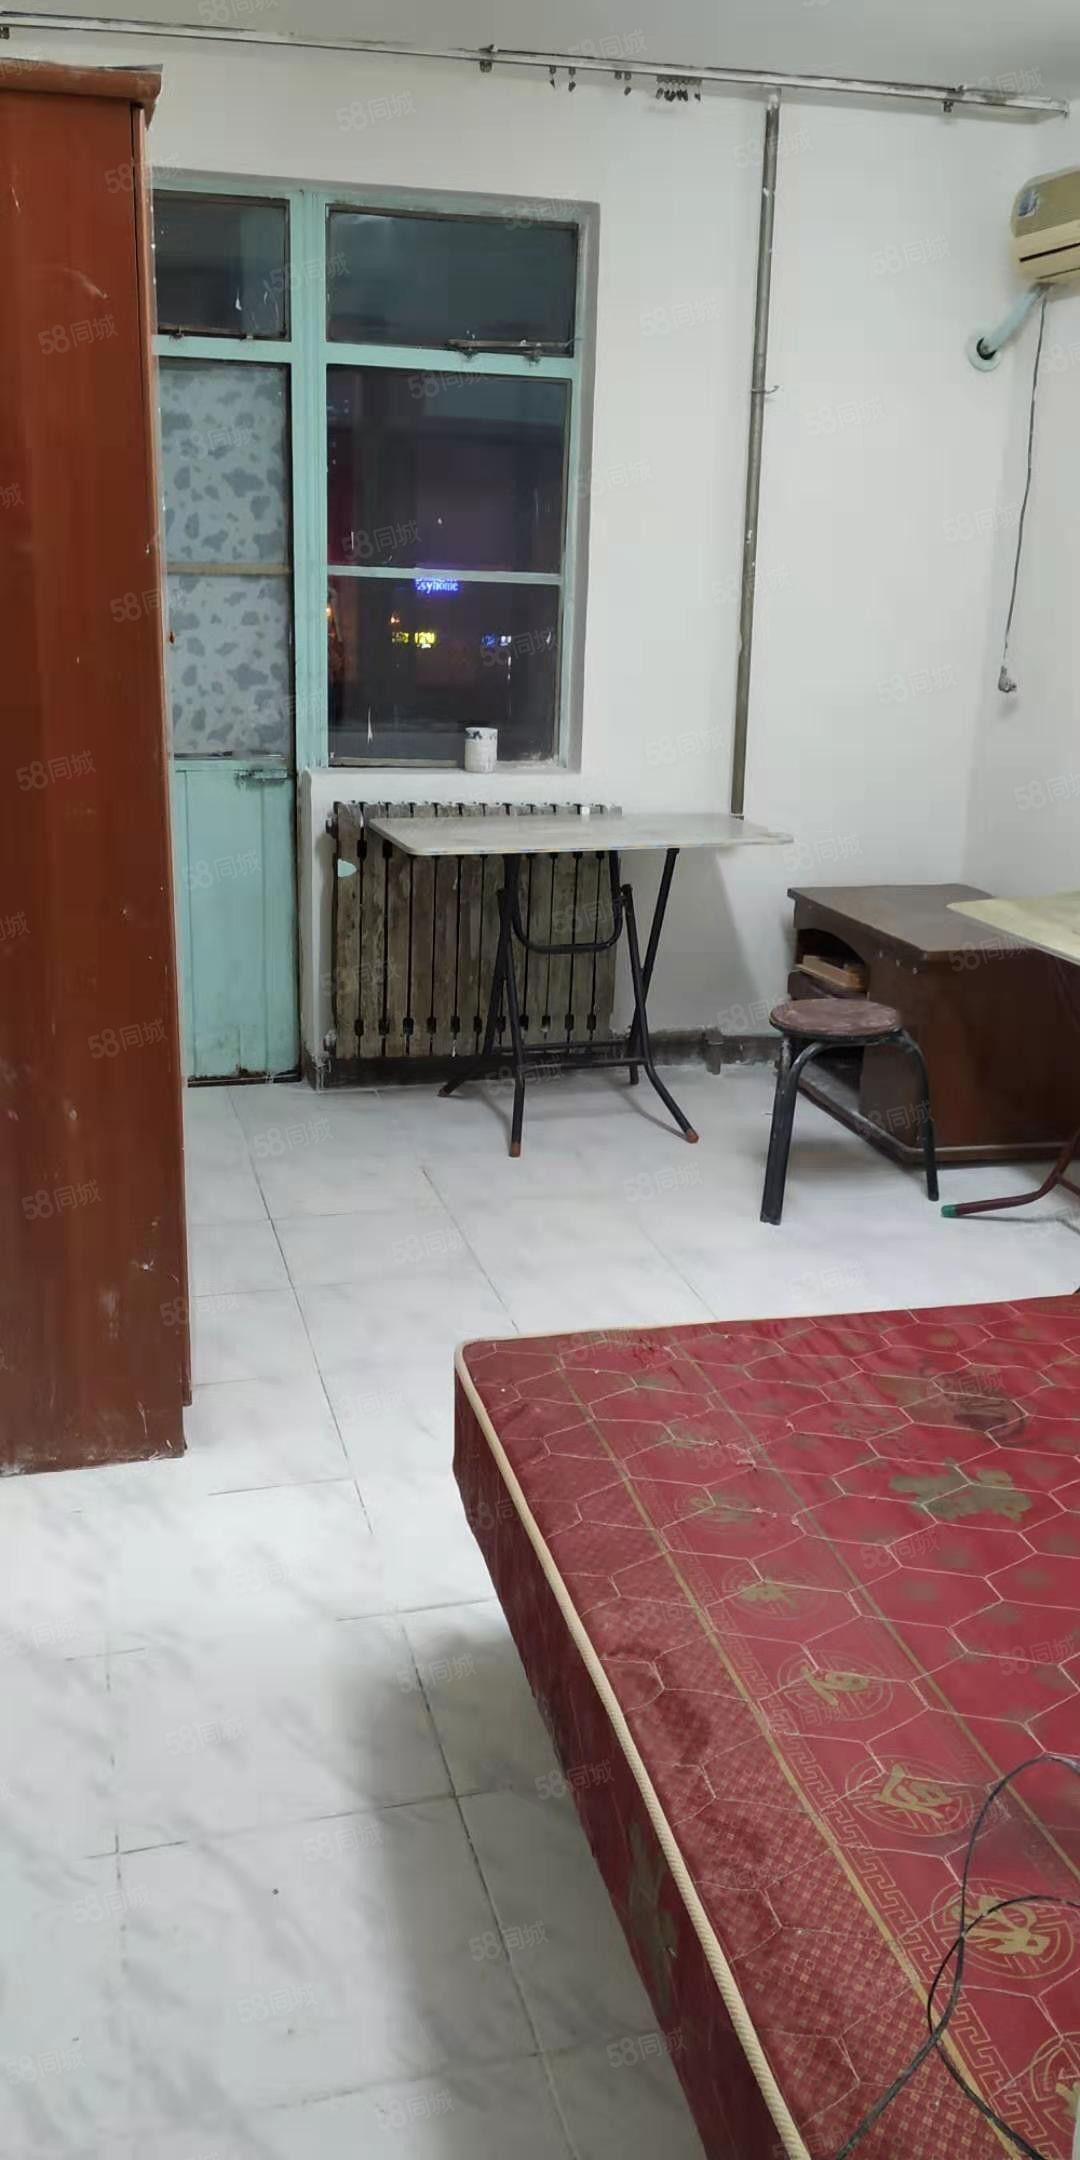 二厂附近一室带阳台卫生间,厨房,暖气,多套汇集